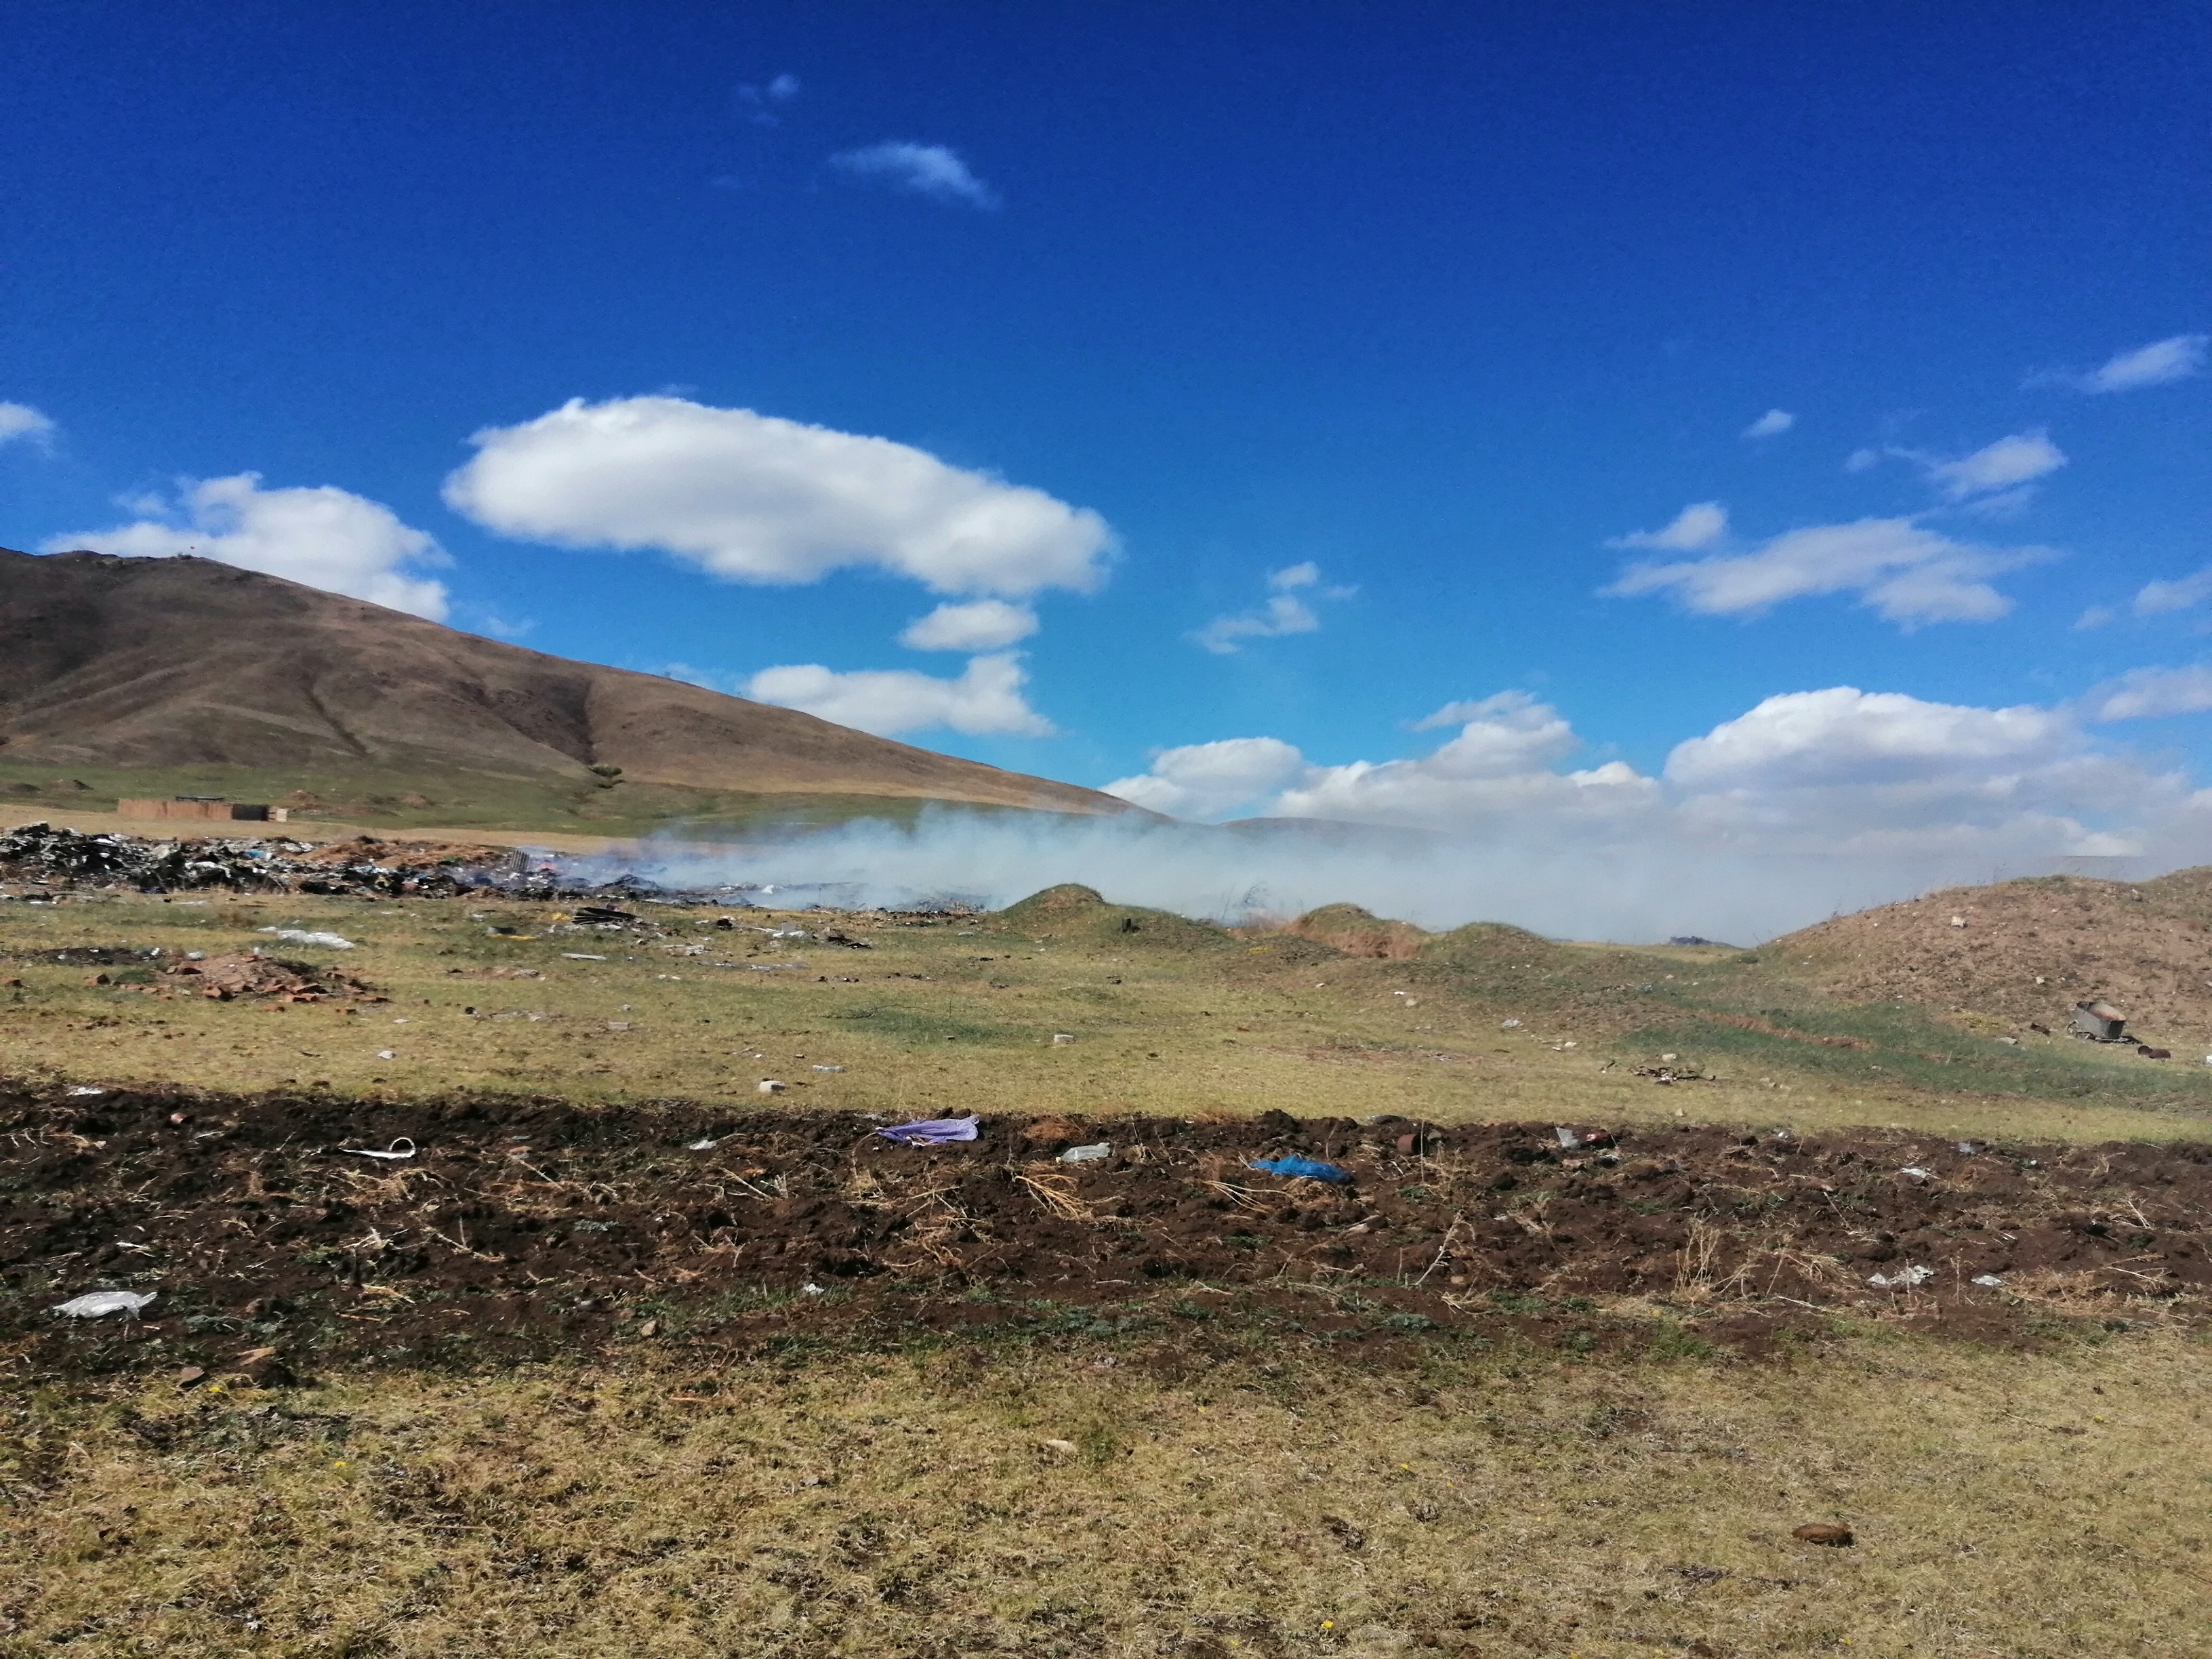 В селе Усть-Наринзор горит свалка.Никто не тушит